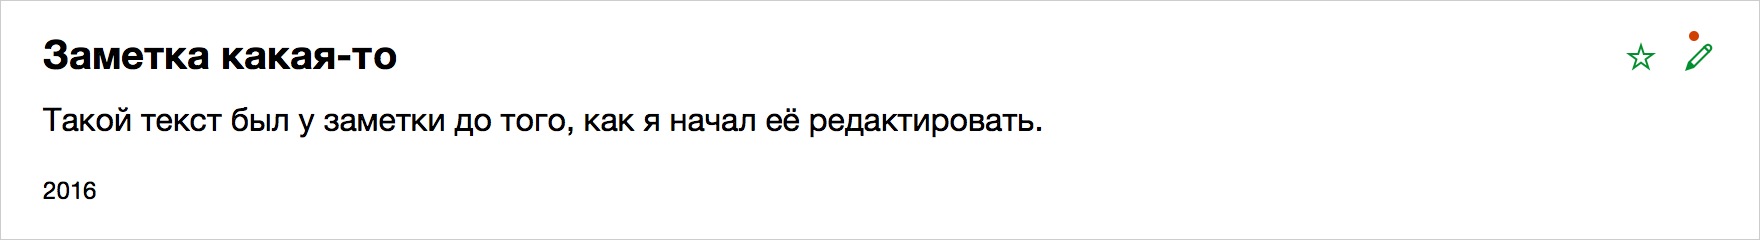 Эгея 2.6 бета